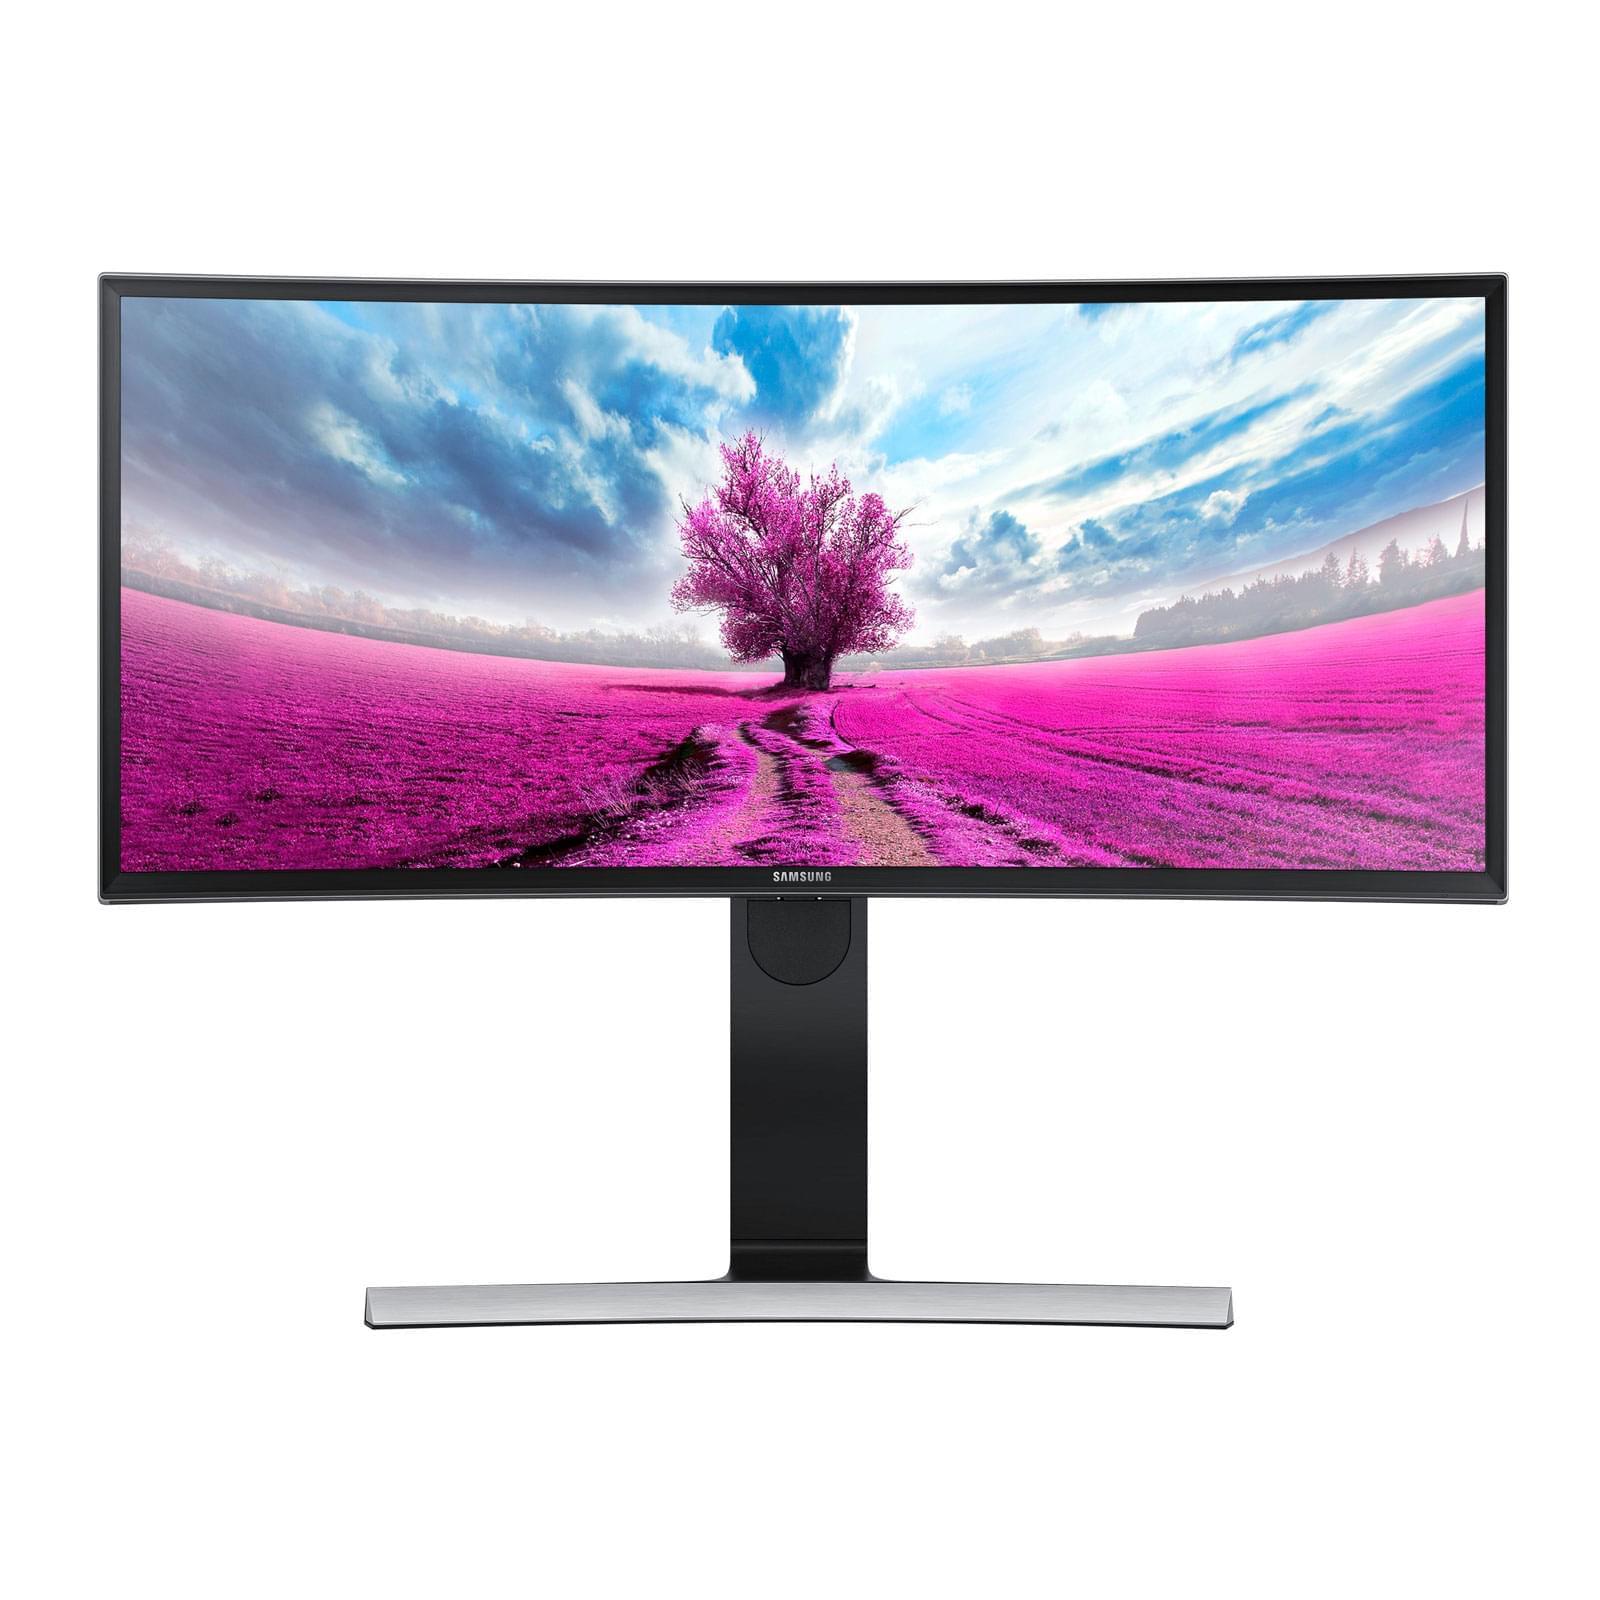 Samsung S29E790C (LS29E790CNS/EN) - Achat / Vente Ecran PC sur Cybertek.fr - 0